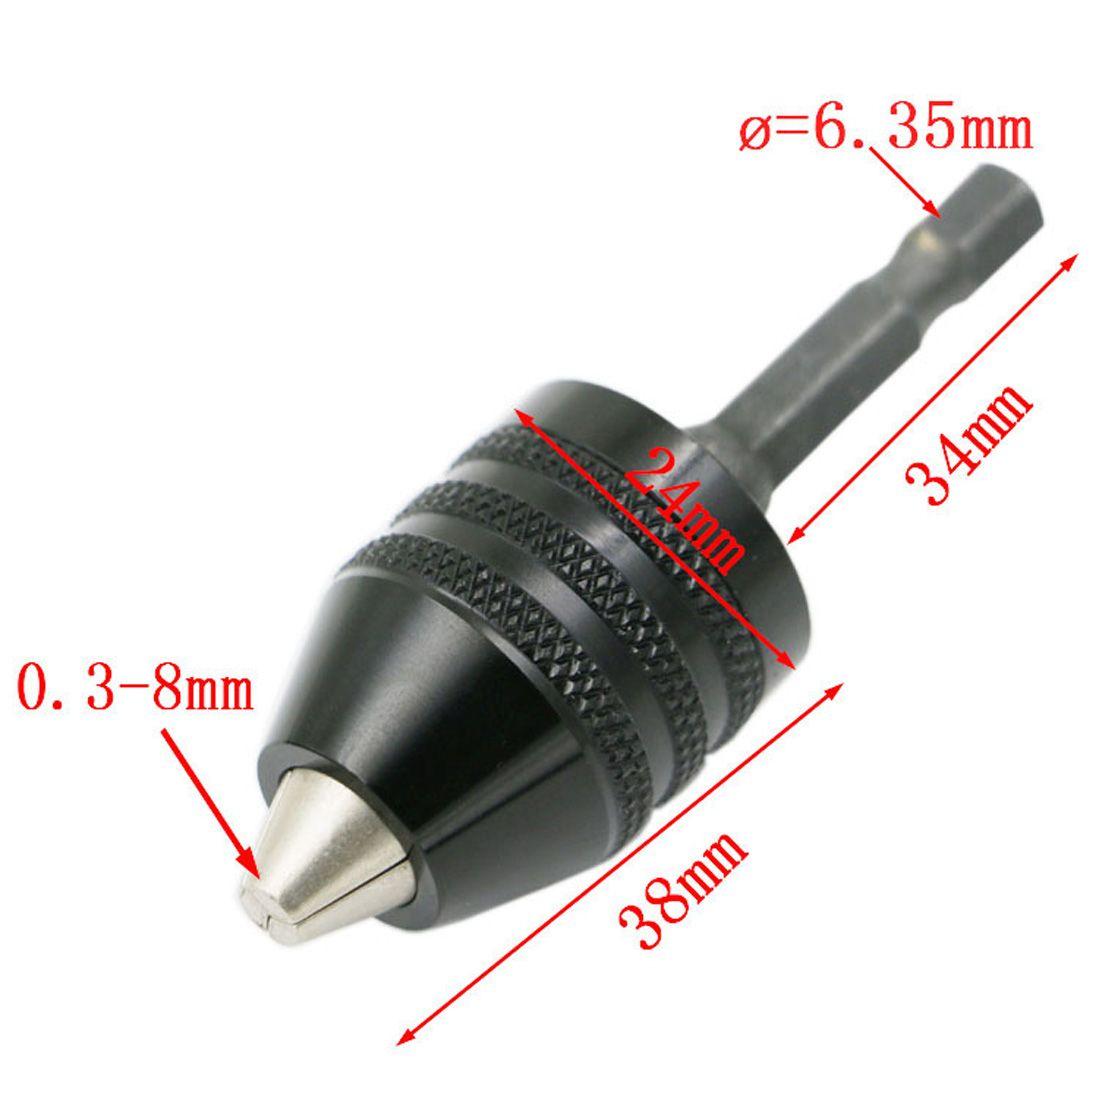 1pc 0 3 8mm Black Keyless Drill Chuck Screwdriver Impact Driver Adaptor 1 4 6 35mm Hex Shank Drill Bits Diameter Power Too Drill Bits Drill Chucks Screwdriver